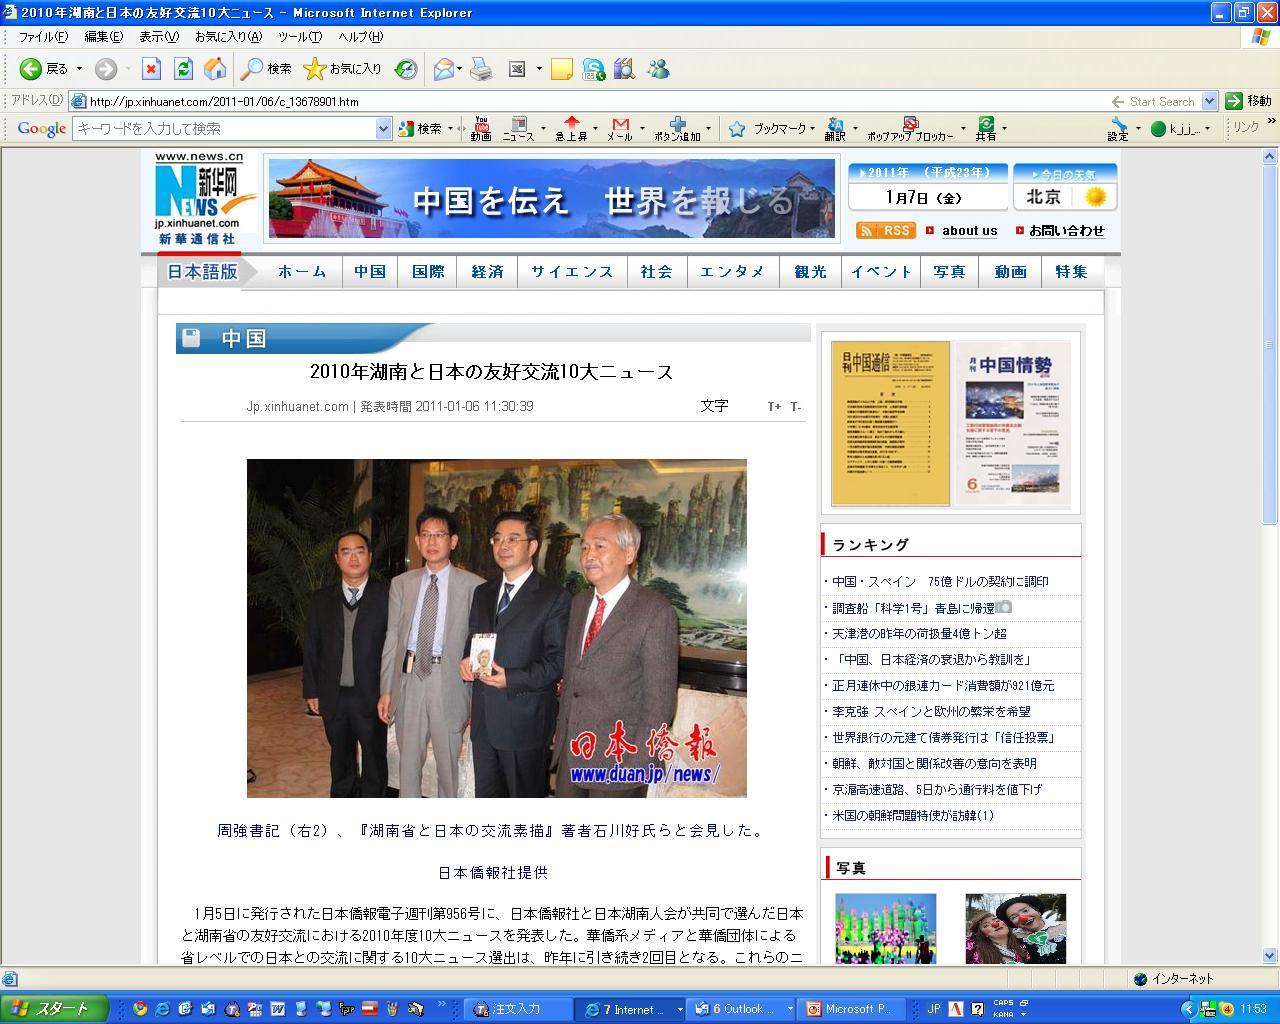 2010日本湖南交流十大ニュース 新華社ネット日本語版も掲載_d0027795_1284017.jpg